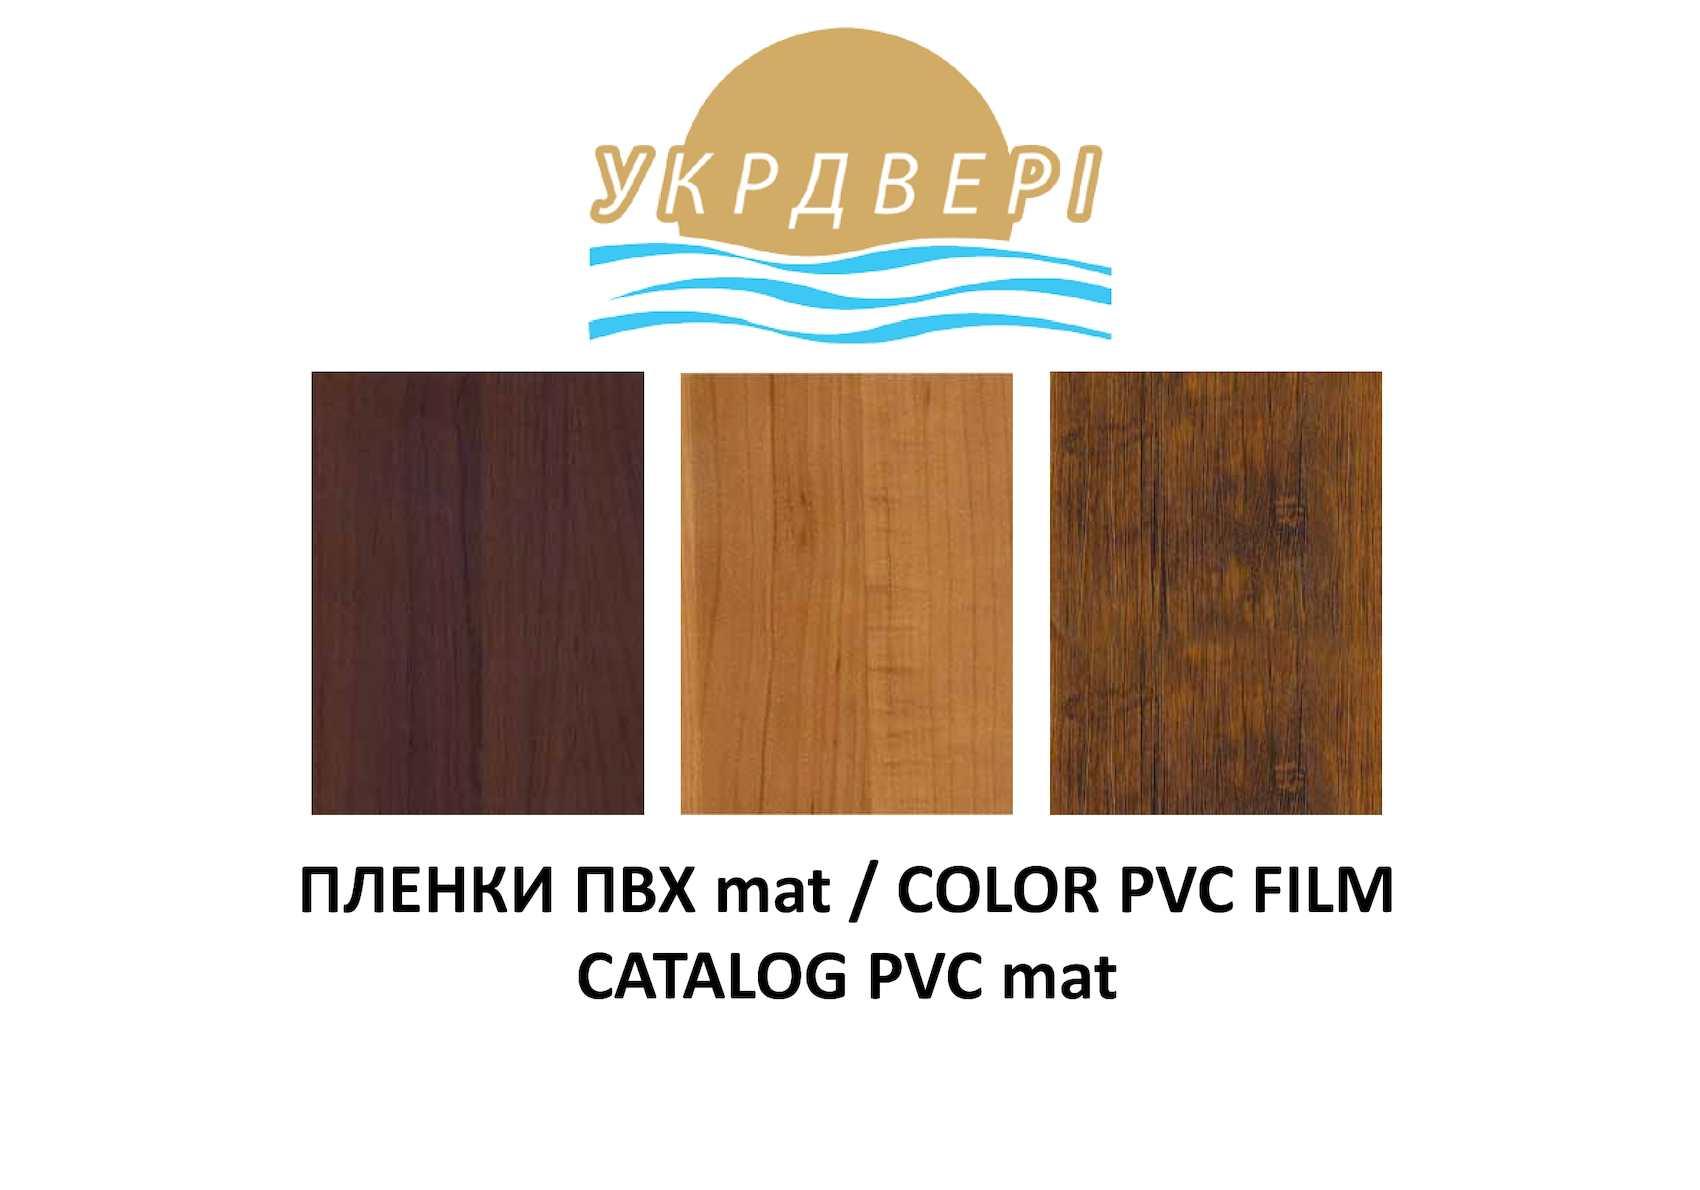 КАТАЛОГ ПЛЕНКИ ПВХ mat / COLOR PVC FILM (PVC mat)